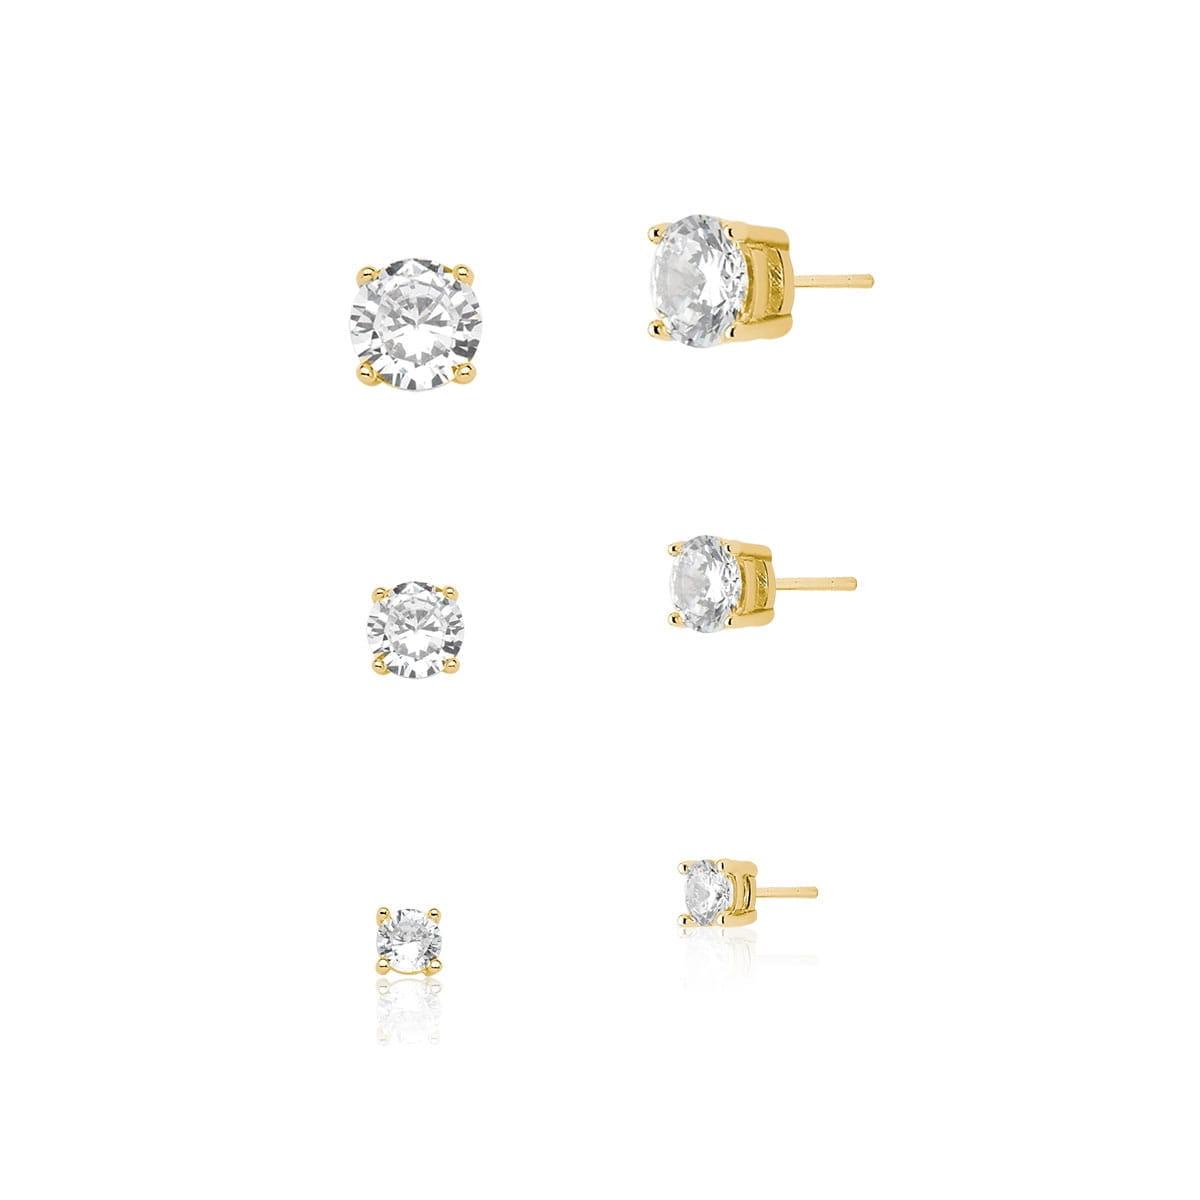 Kit Trio de Brincos Ponto de Luz 1cm,6mm e 4mm banhado em ouro 18k